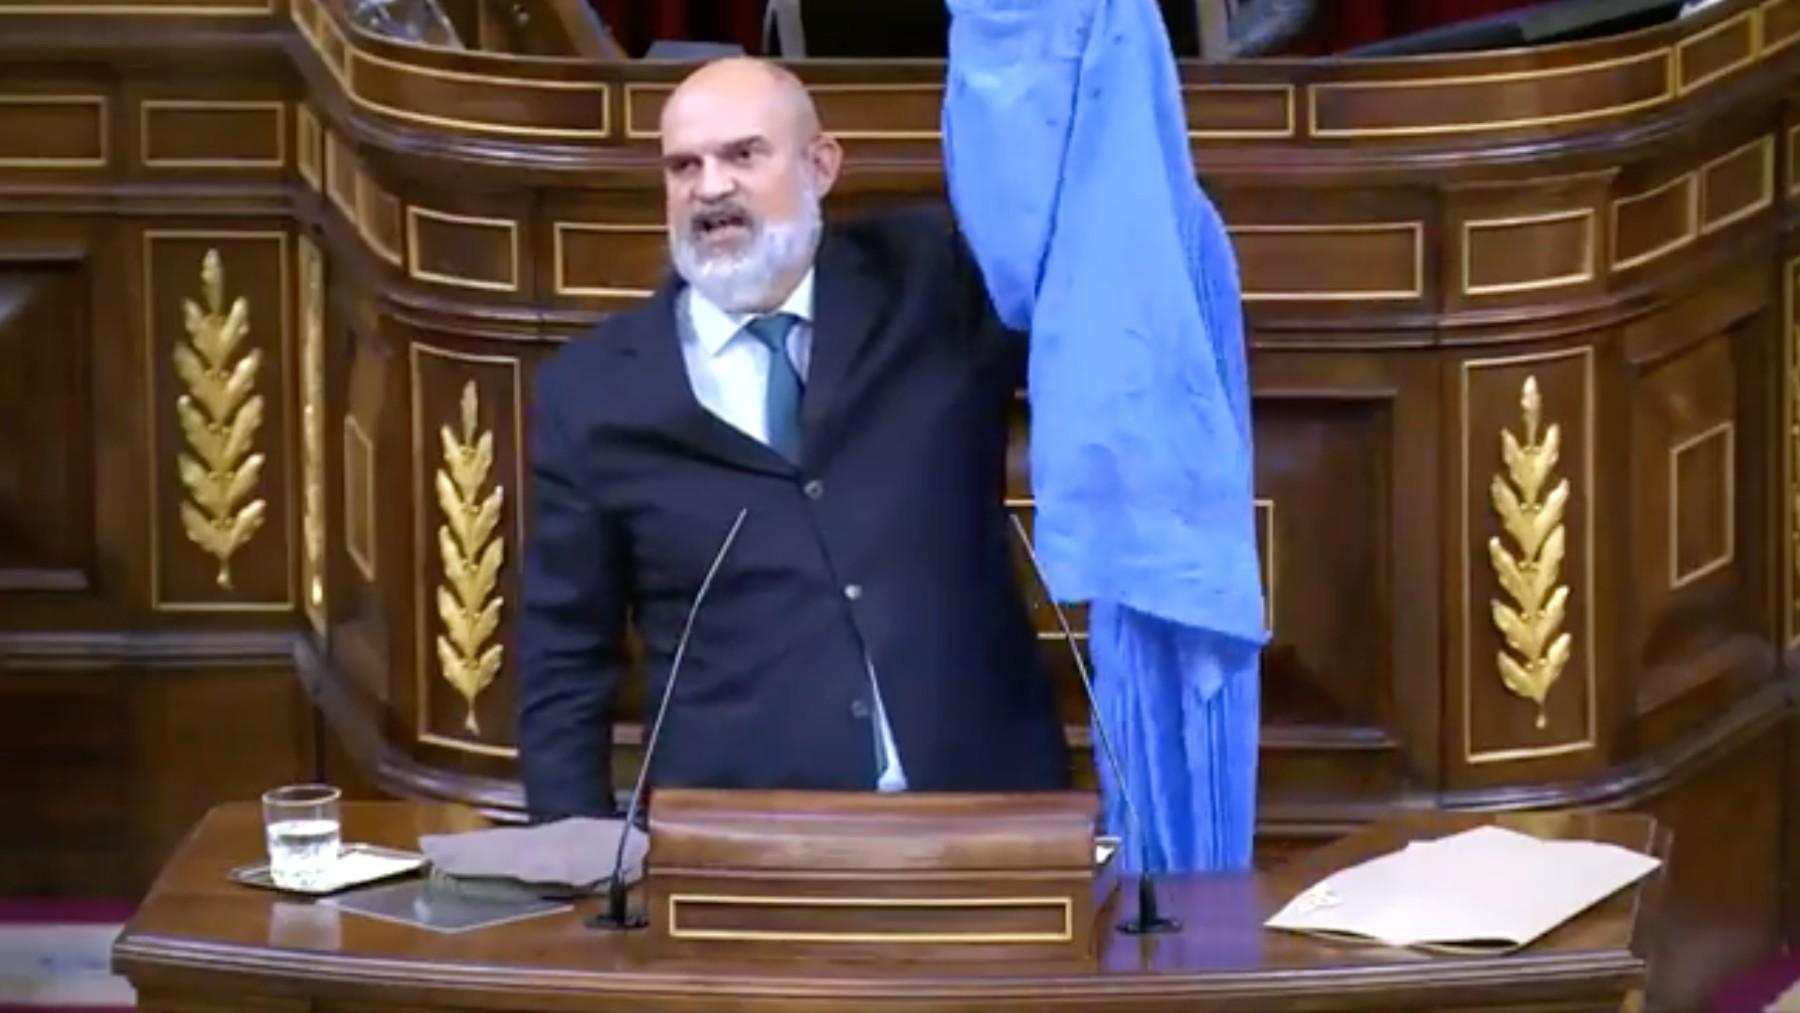 El diputado de Vox Víctor Sánchez del Real.